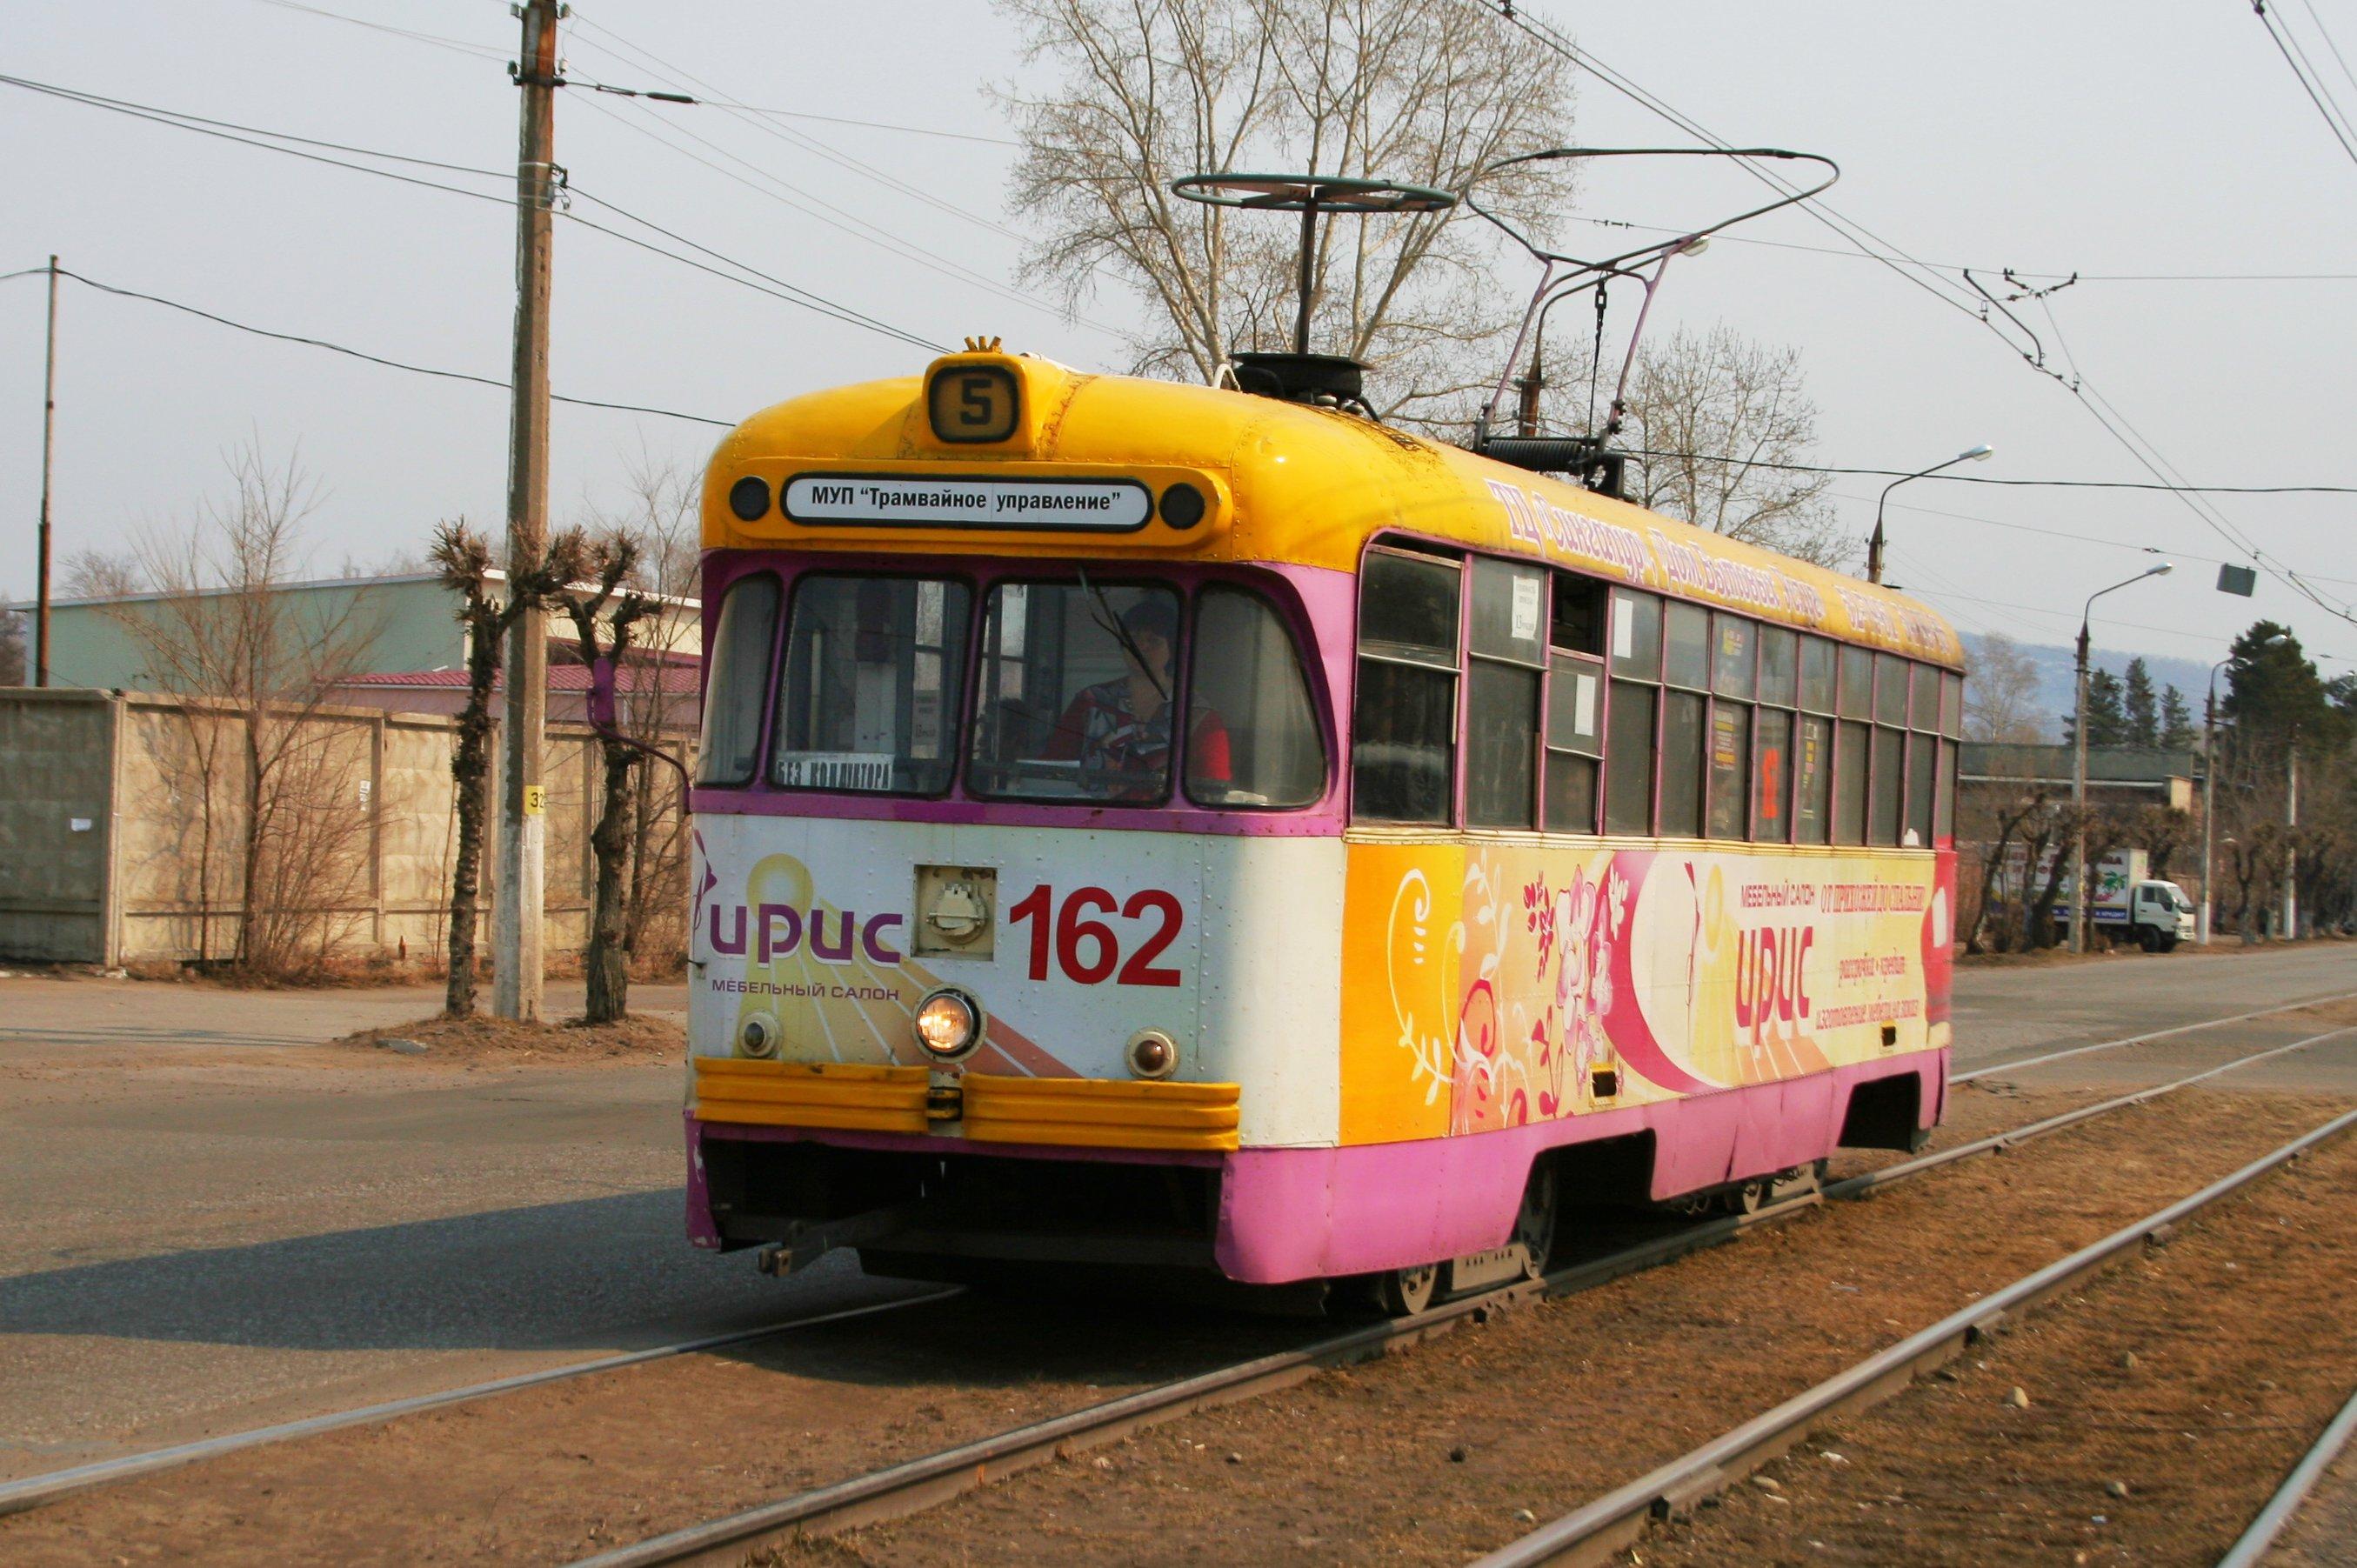 File:KnA tram 162.jpg